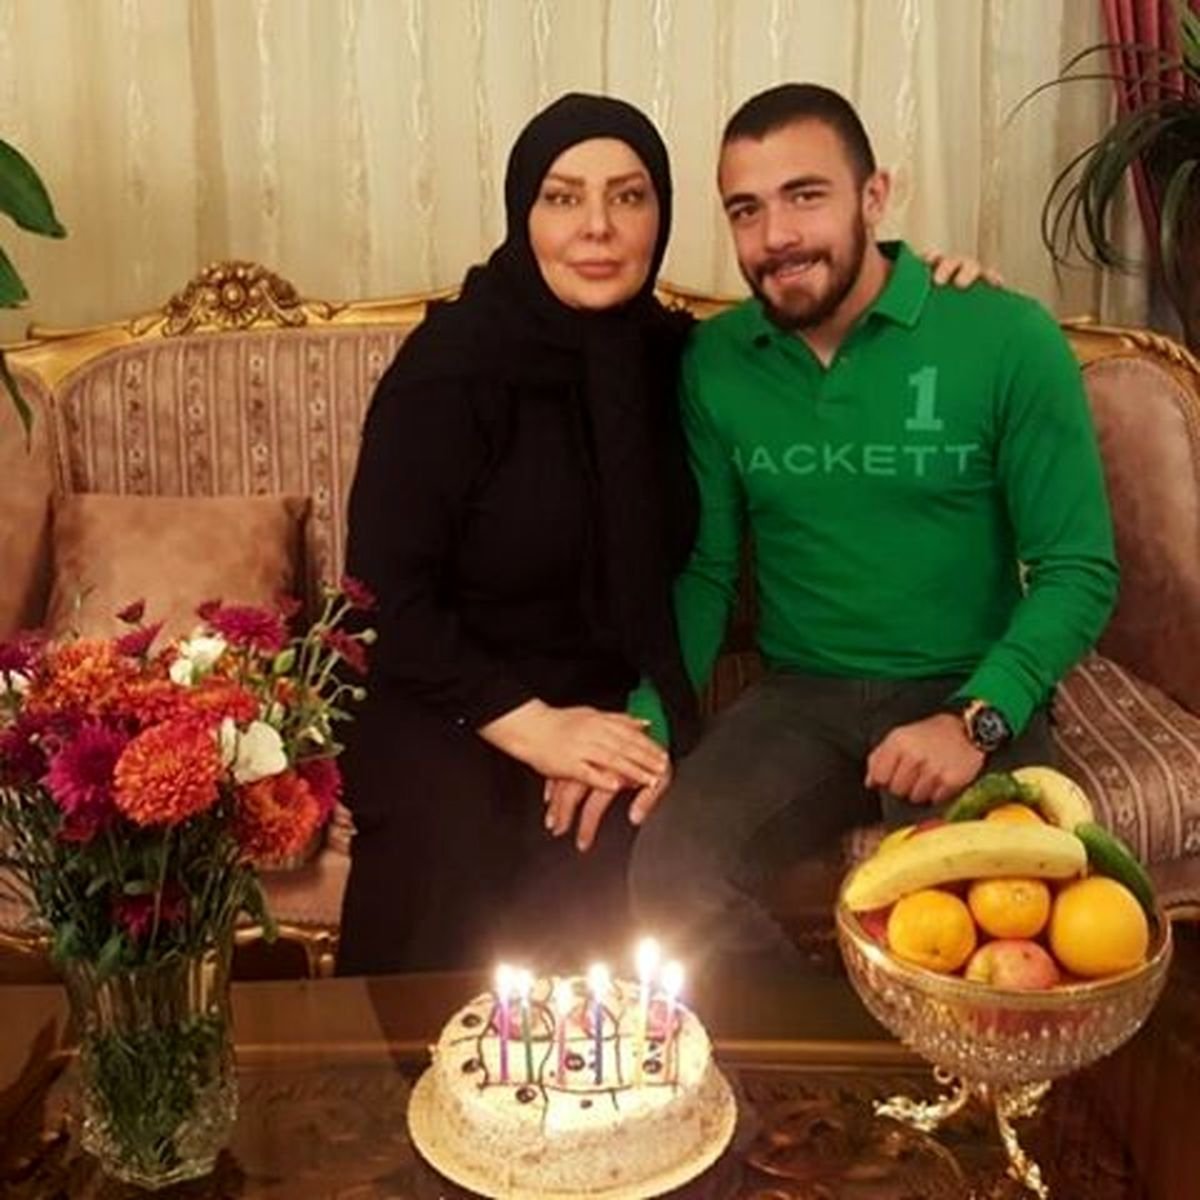 همسر فشن و عملیِ امیر قلعه نویی + عکس